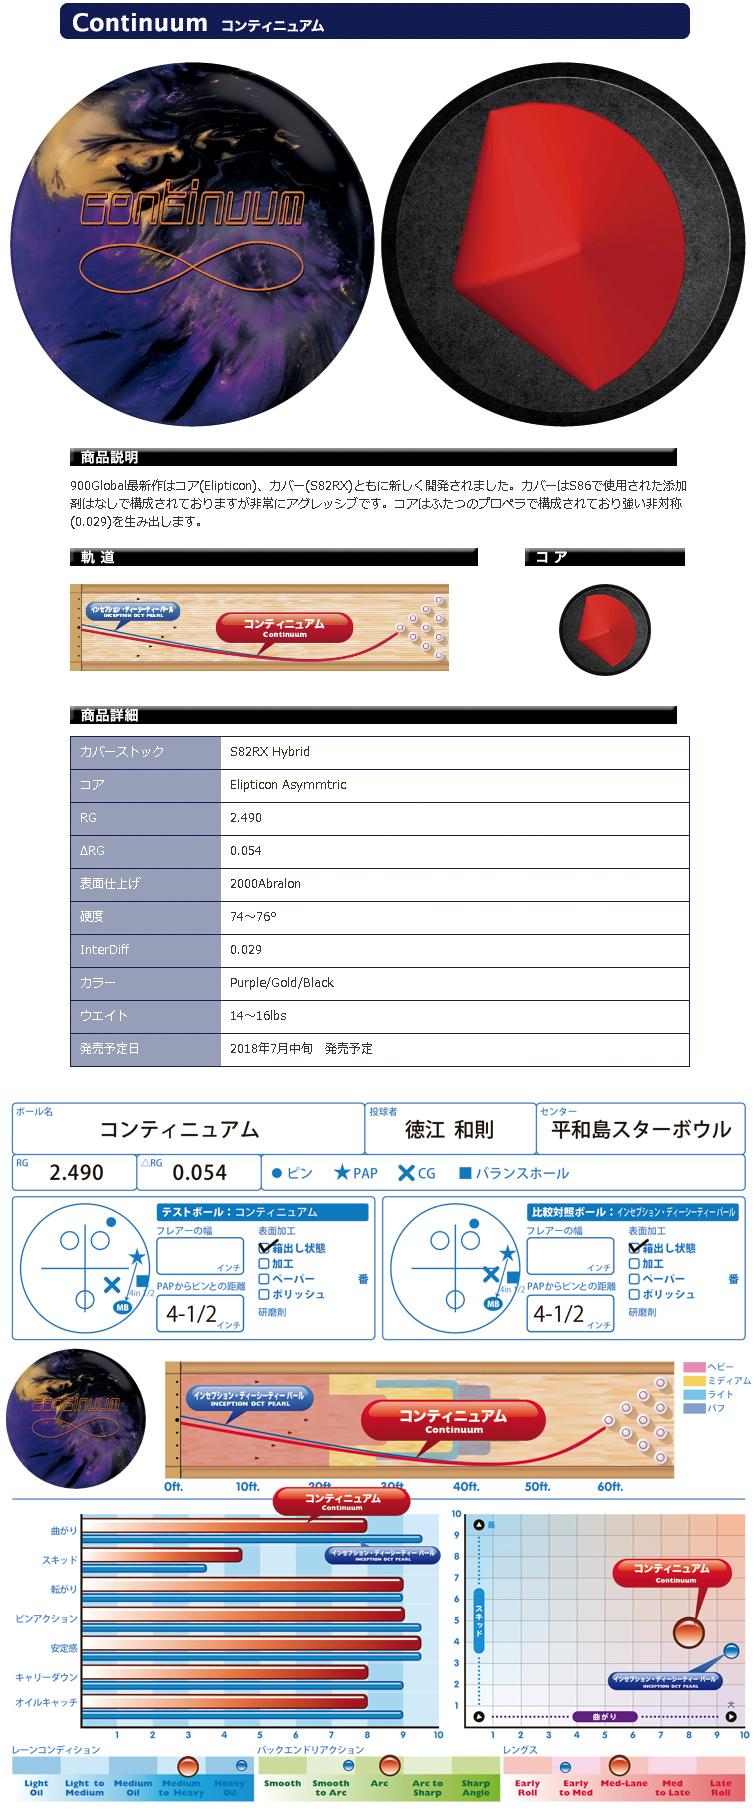 ボウリング用品 ボウリングボール 900グローバル 900GLOBAL コンティニュアム Continuum